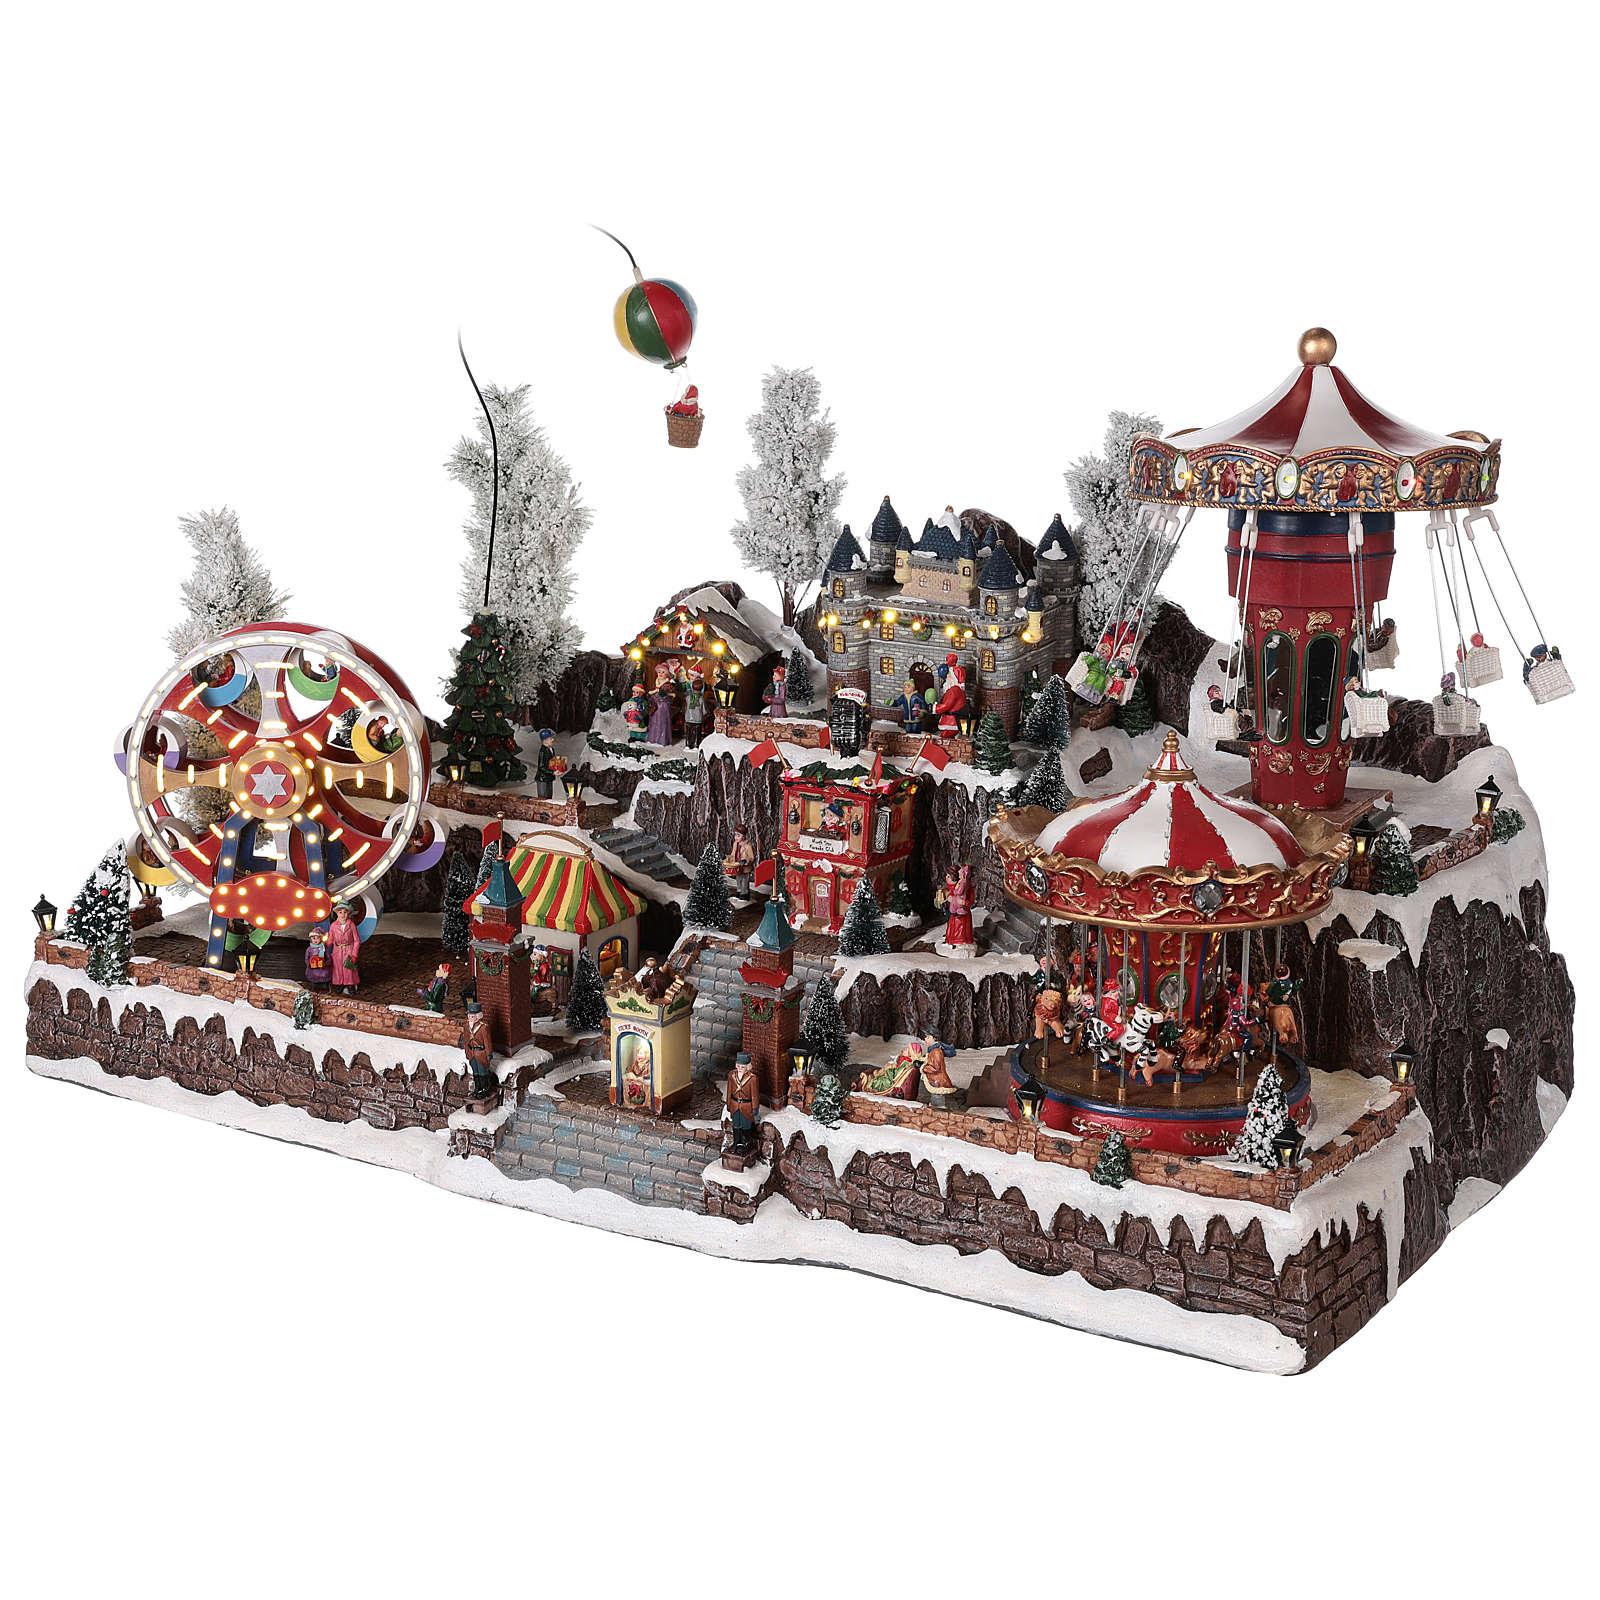 Pueblo navideño atracciones castillo movimiento luces 55x85x55 cm 3